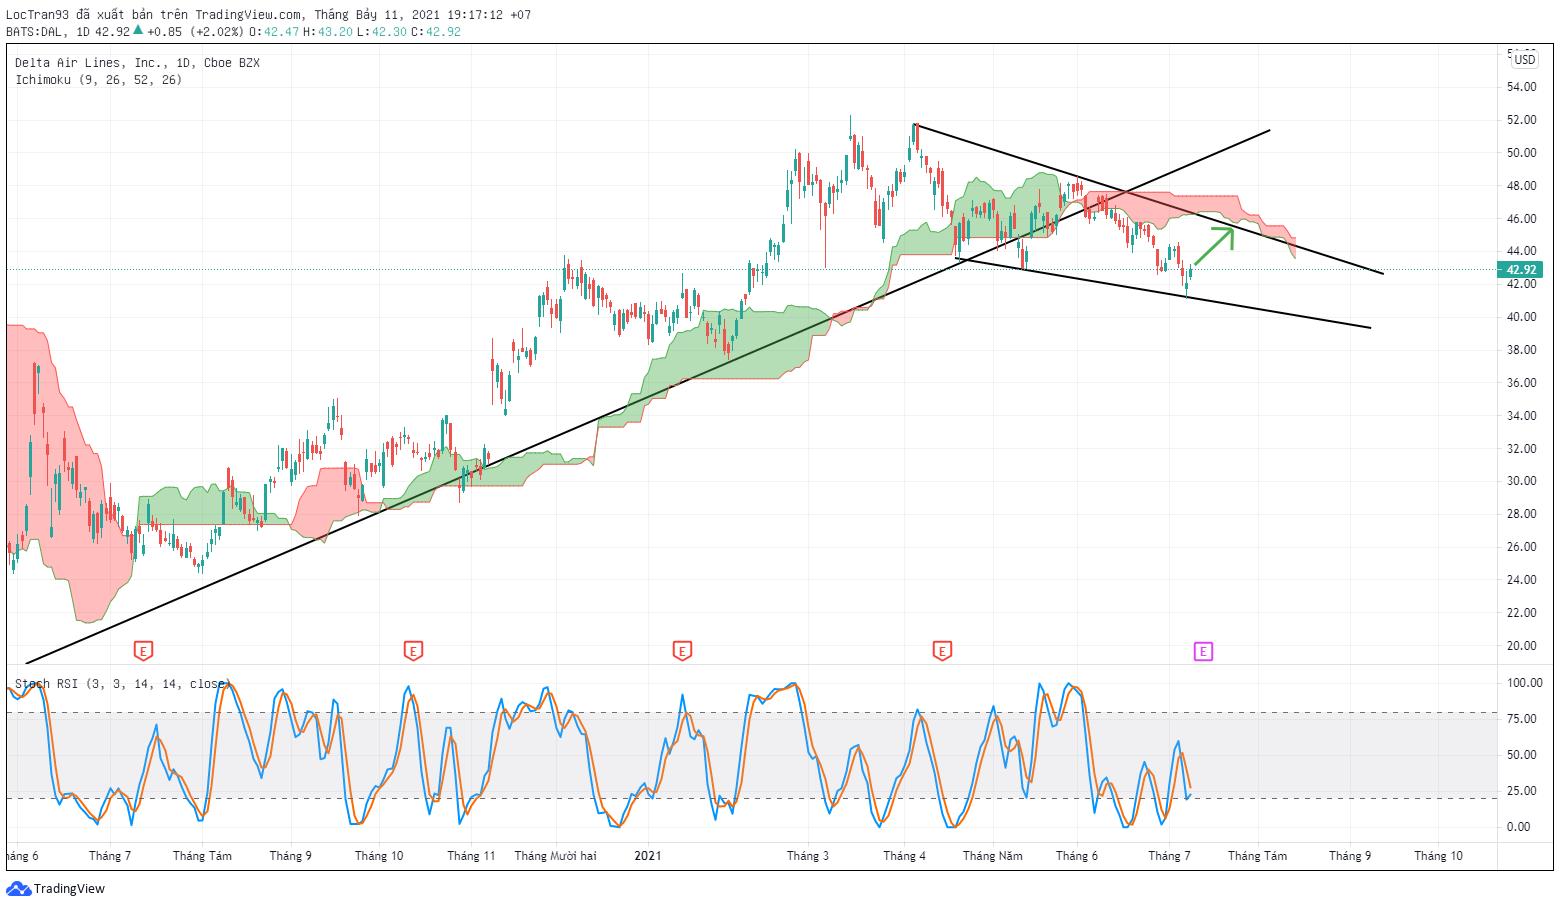 Cổ phiếu DAL đang di chuyển trong một nêm giảm giá.